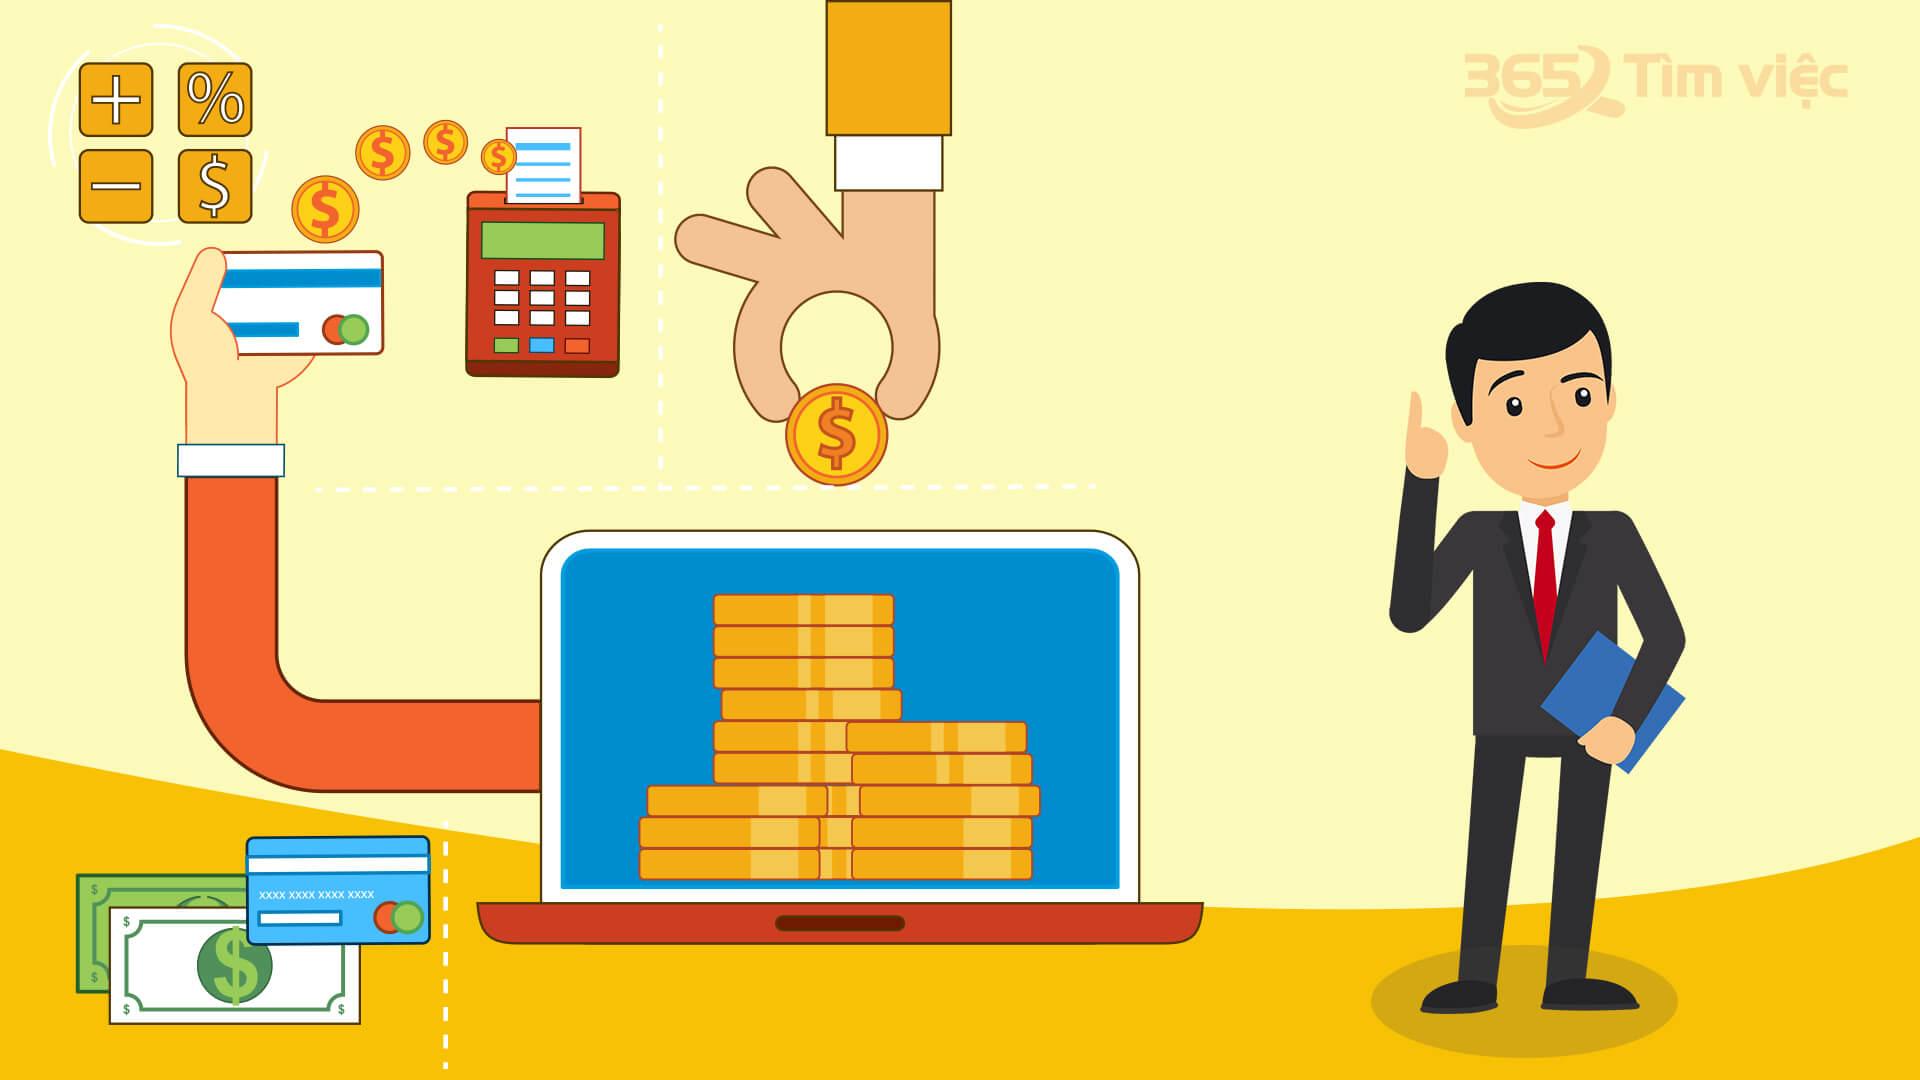 [Tìm hiểu] Hộ kinh doanh là gì? Những thông tin cần biết về hộ kinh doanh?